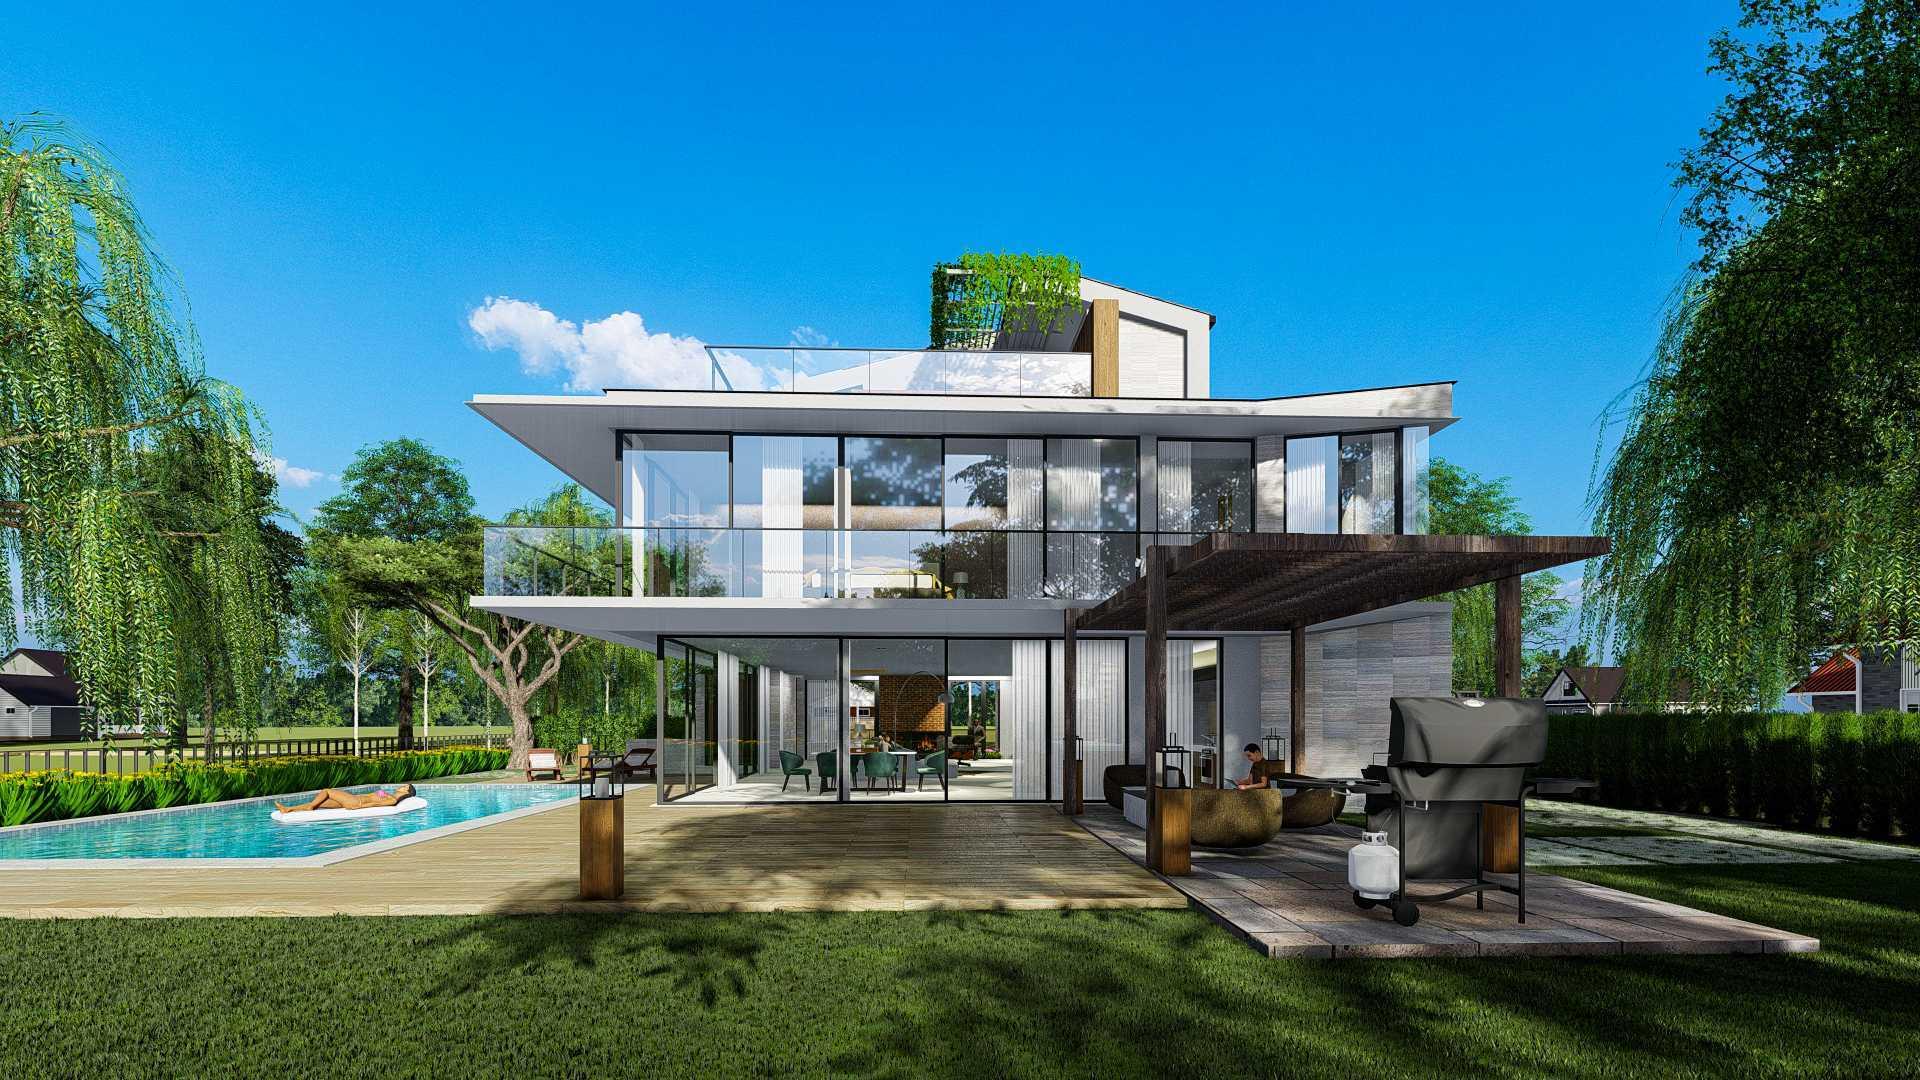 Bral Architect Alpen House In Germany 46519 Alpen, Jerman 46519 Alpen, Jerman Bral-Architect-Alpen-House-In-Germany  99883